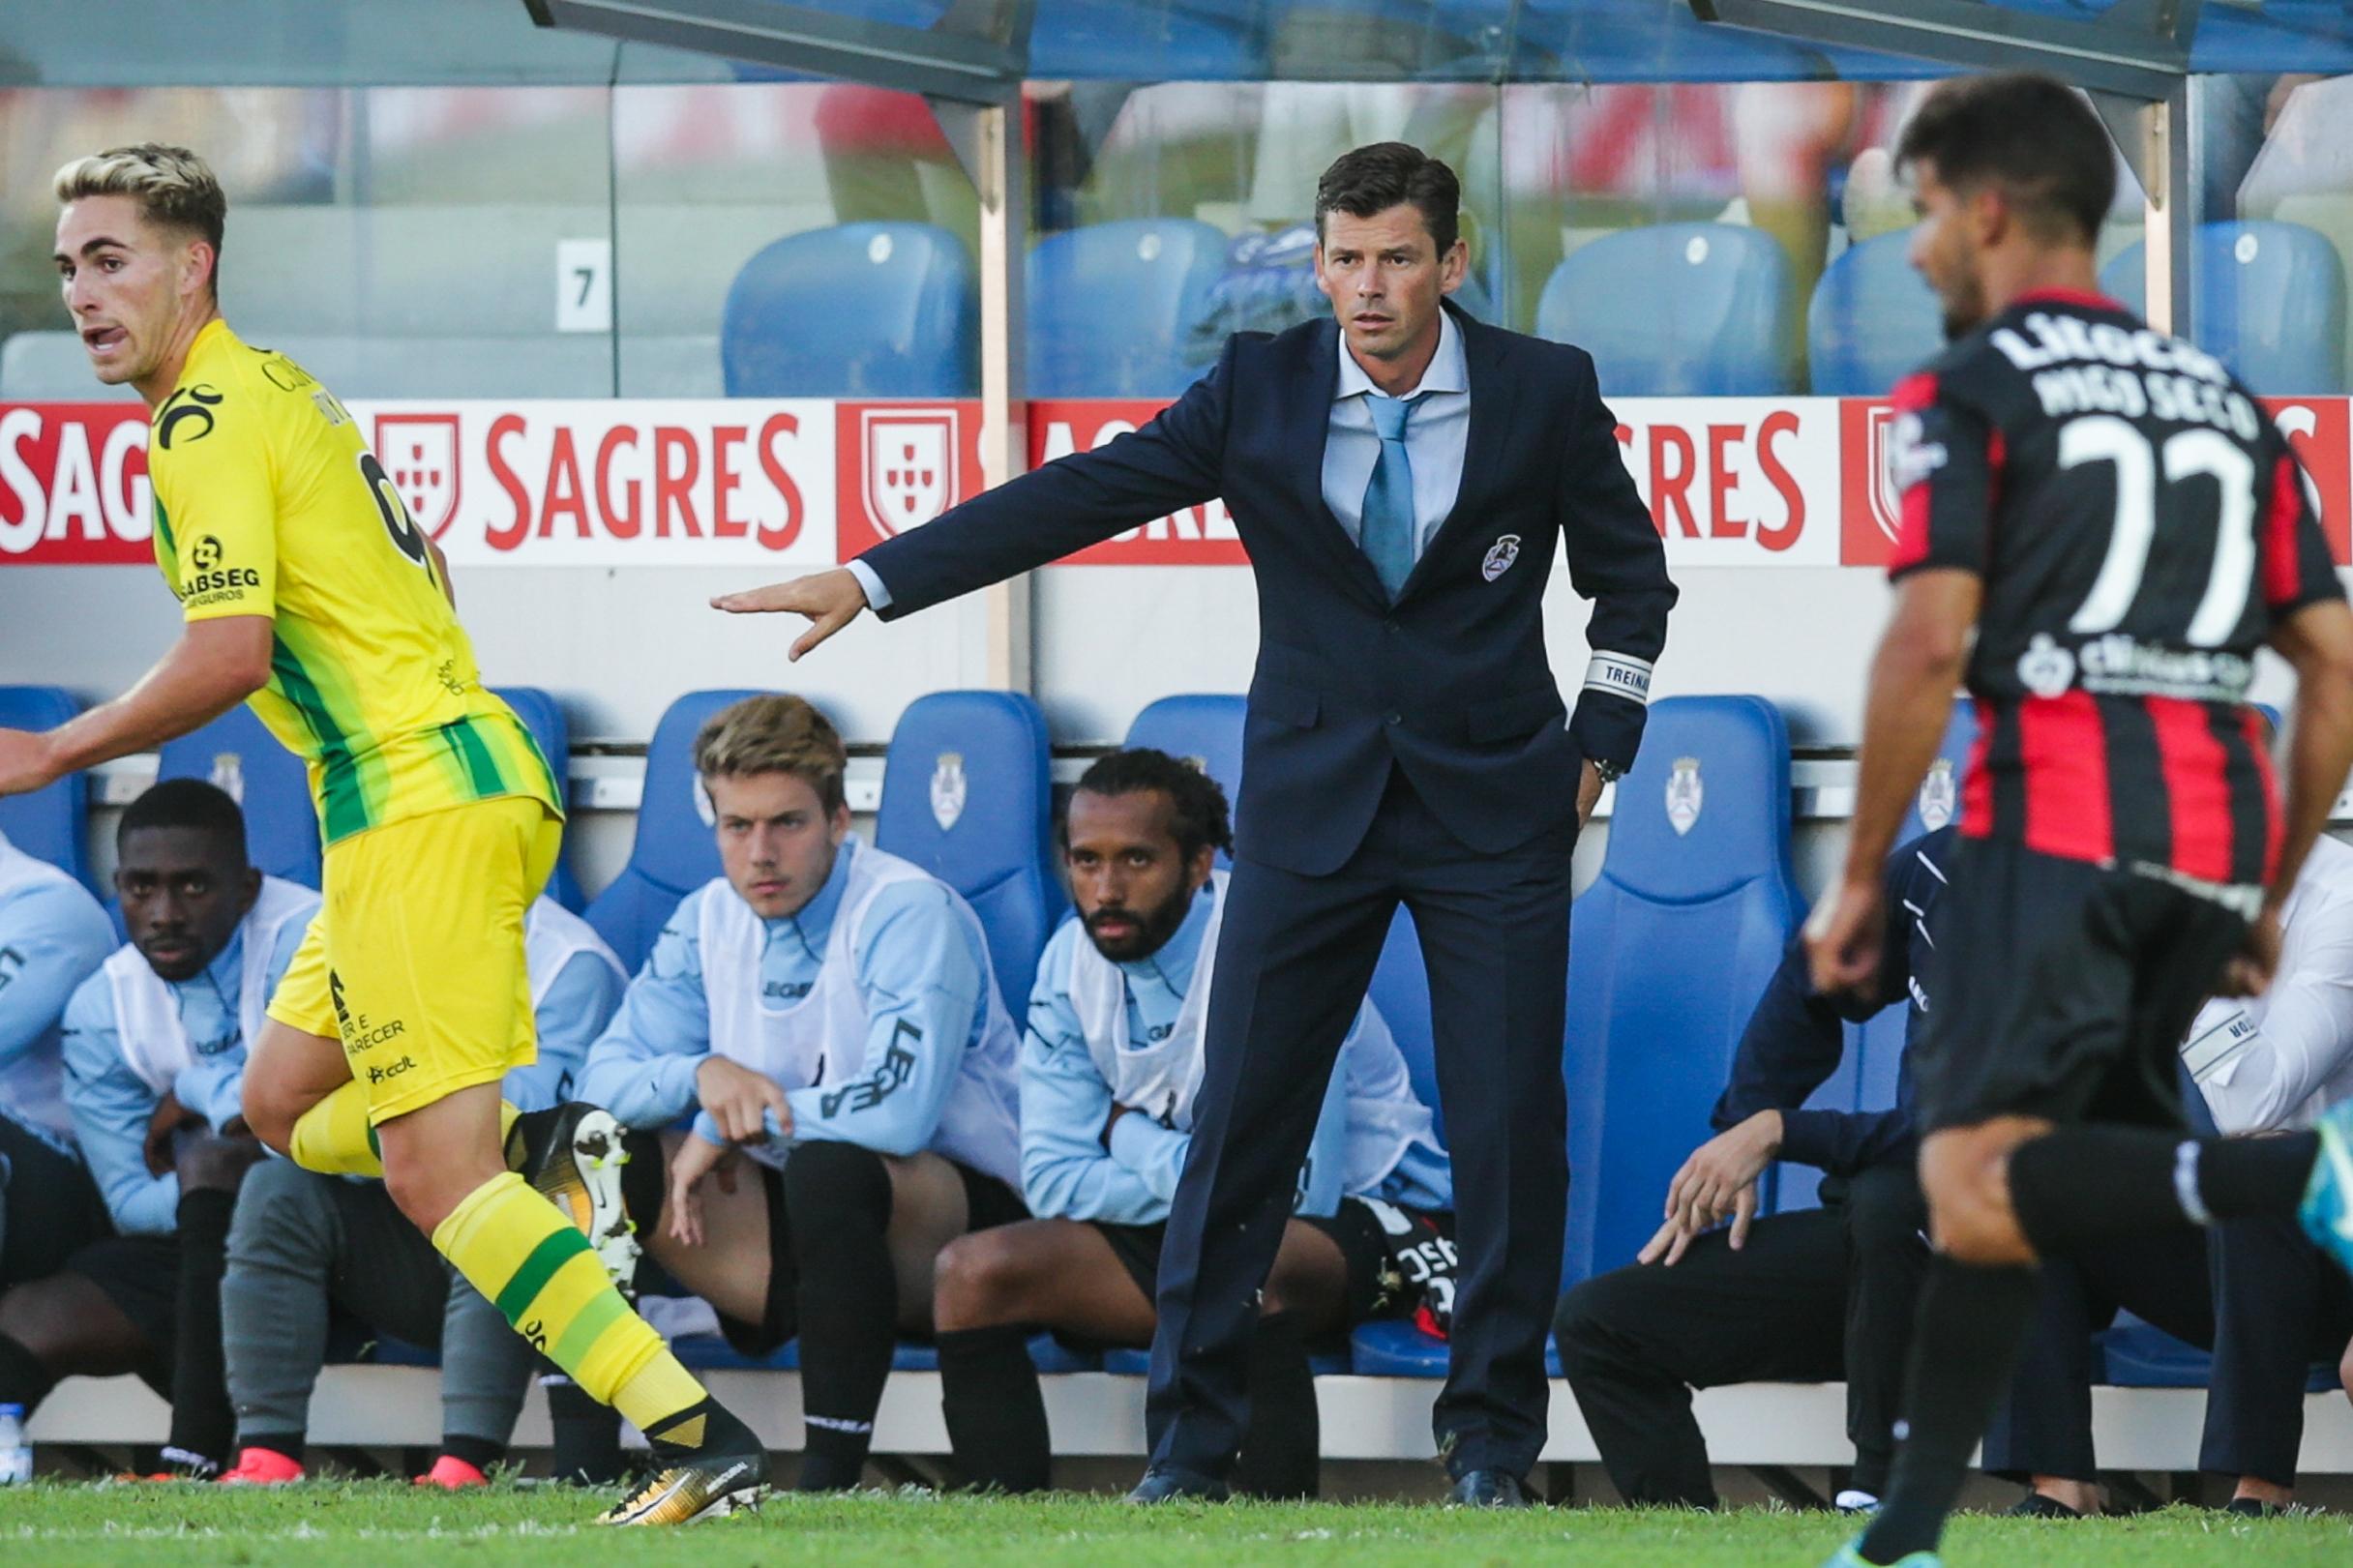 Tondela e Feirense assinam o segundo empate